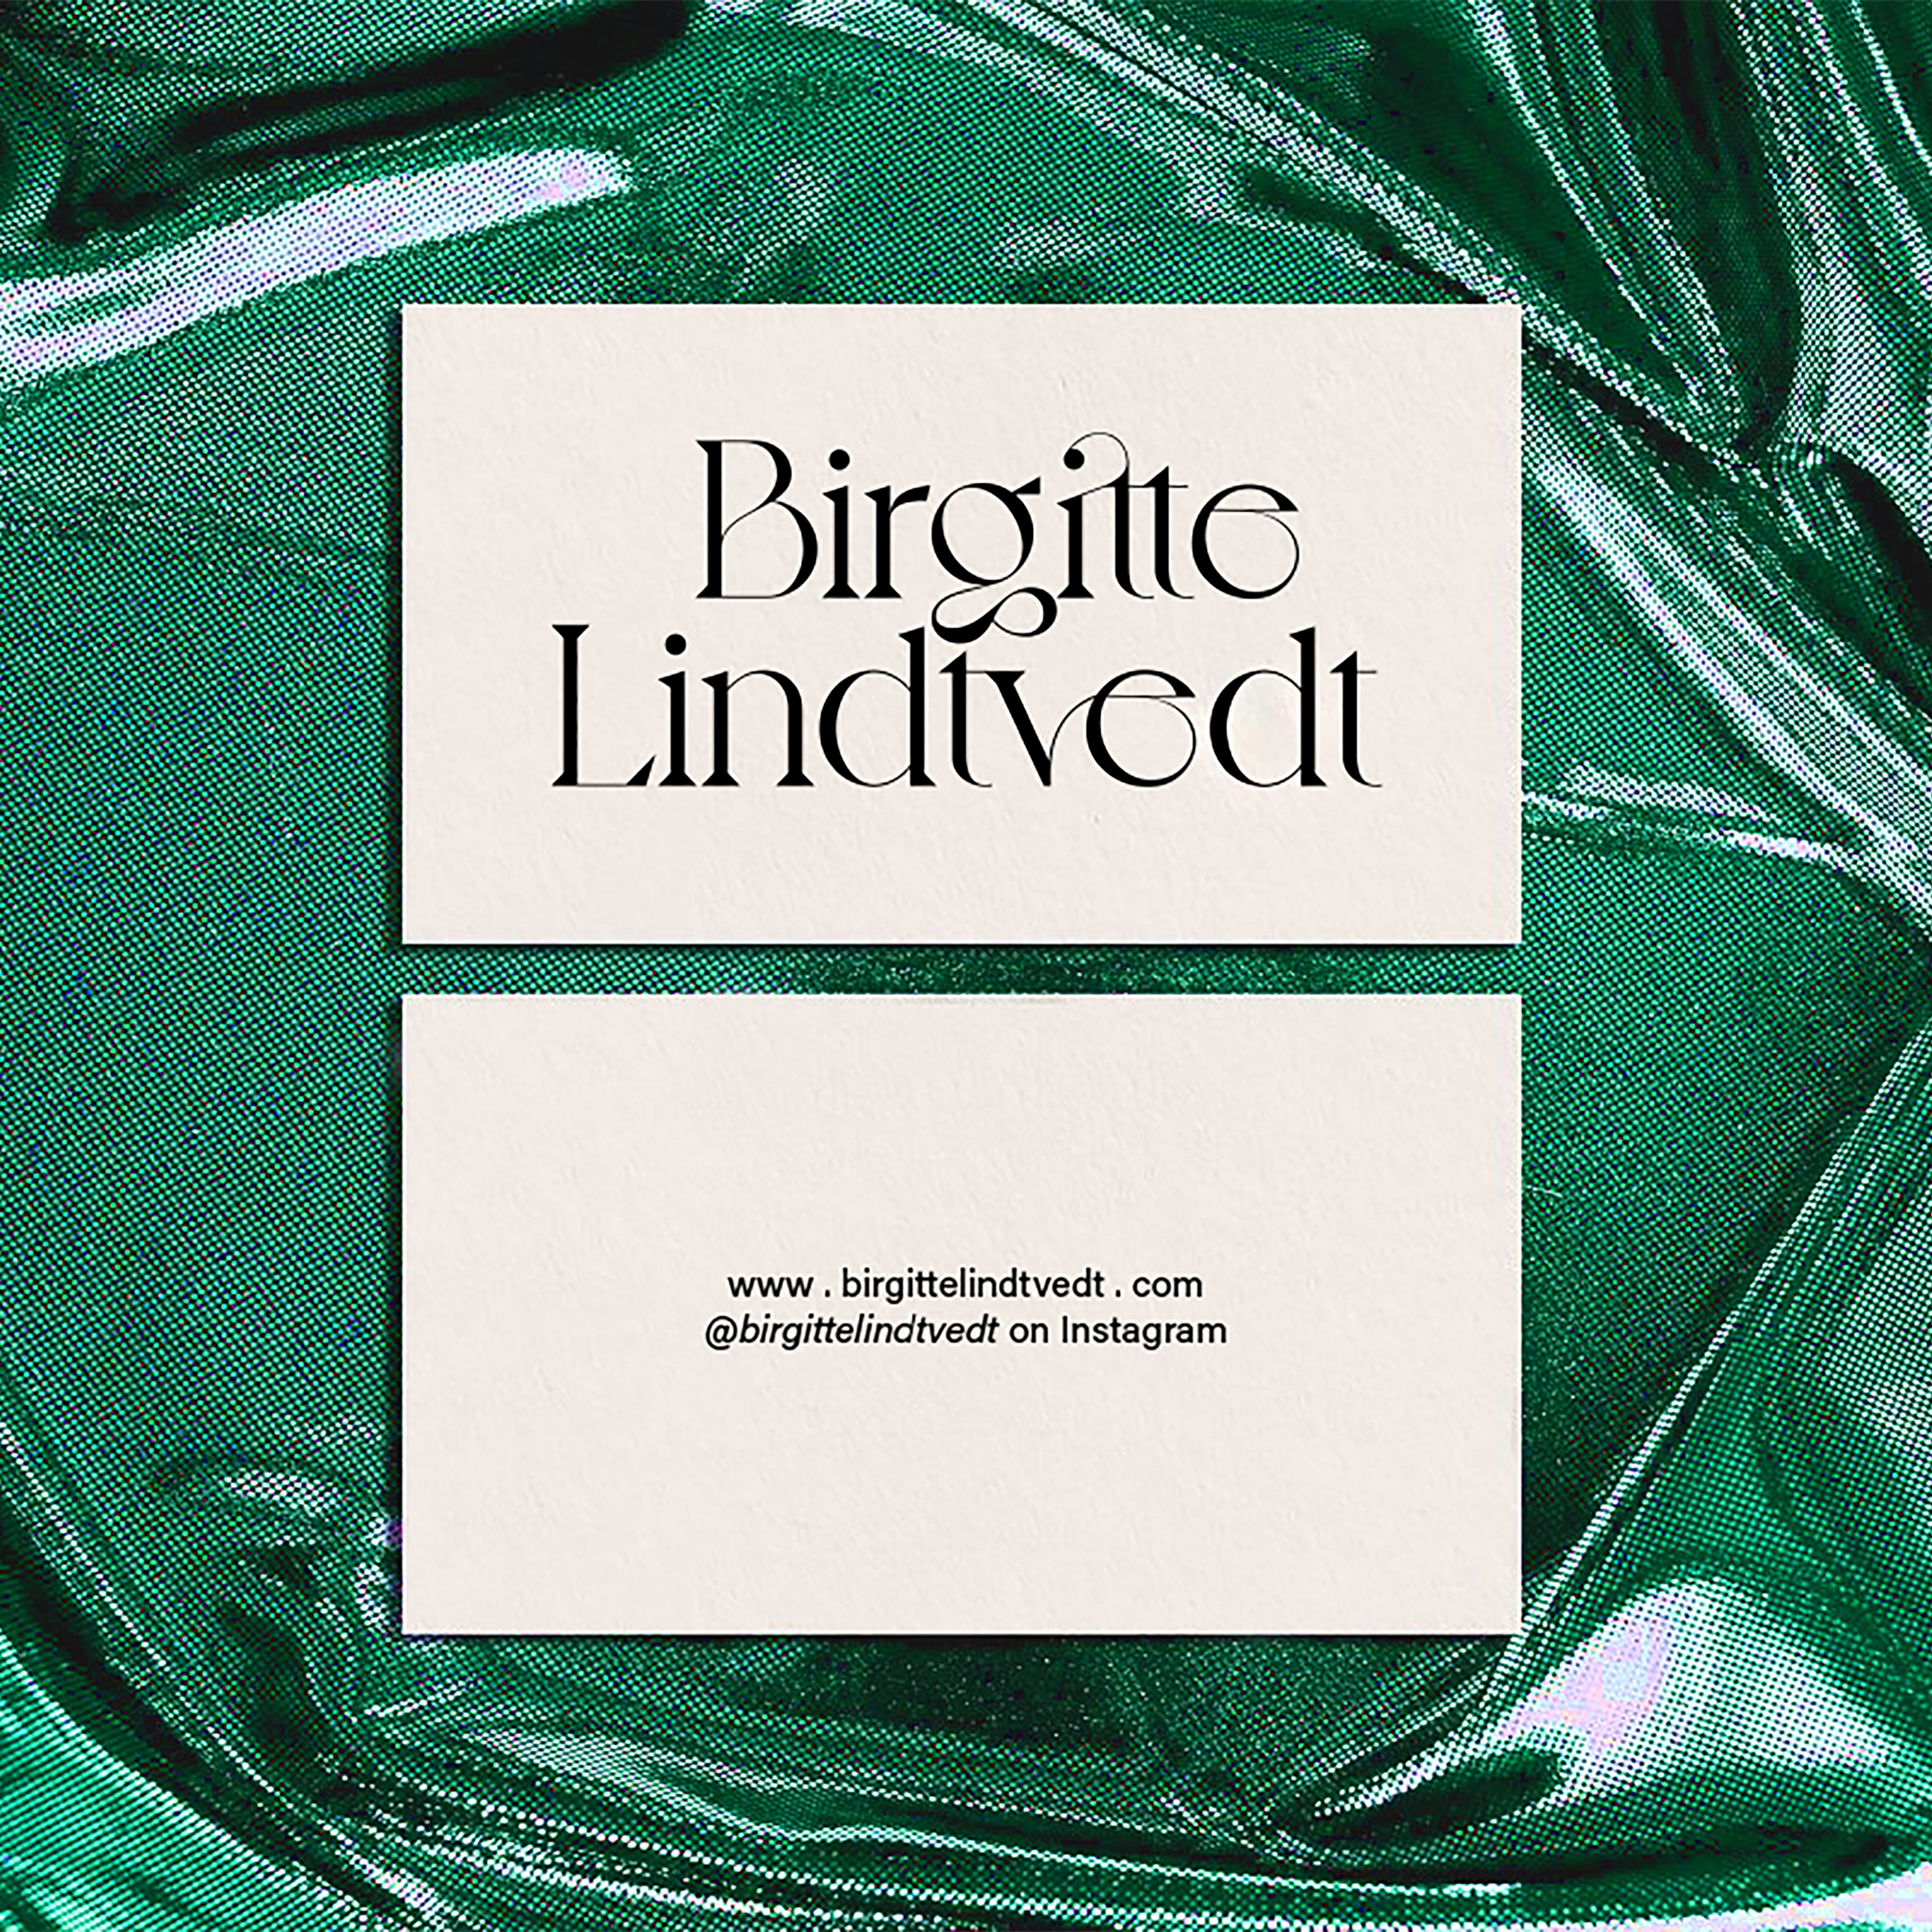 Westerdals Institutt for Kommunikasjon og Design - Personal Branding